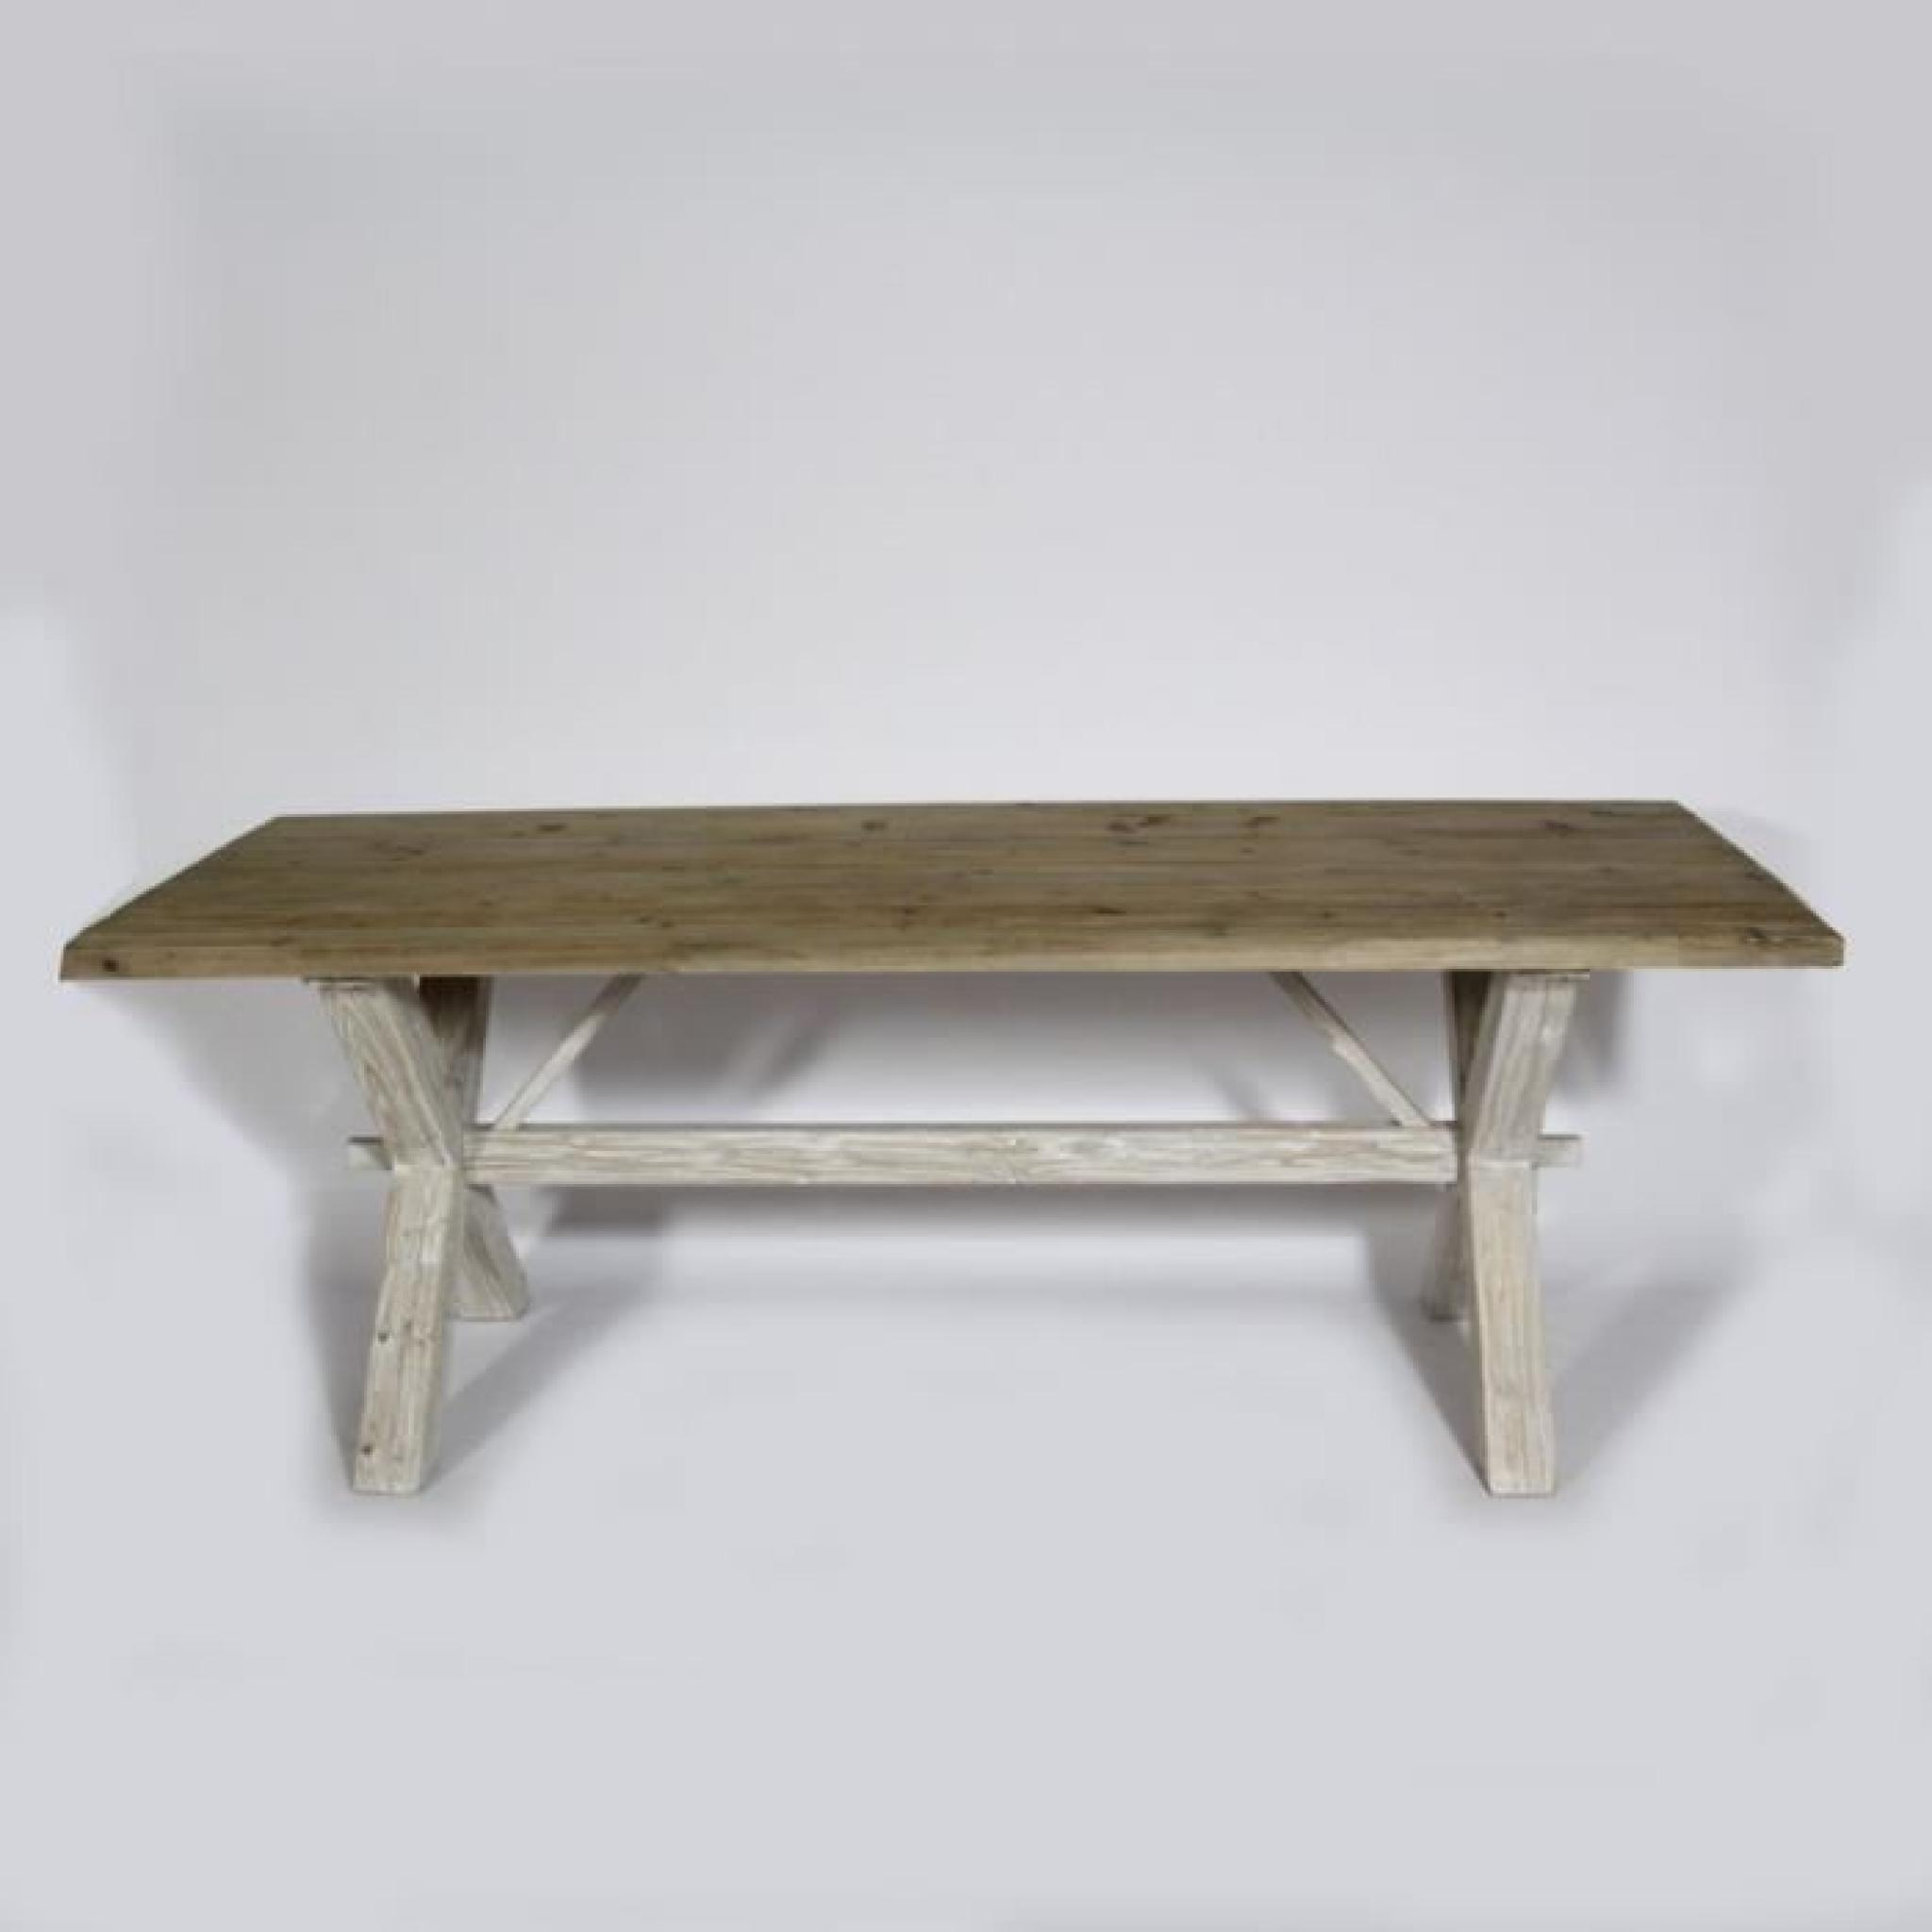 Table Avec Croisillons Authentiq En Bois Blanchi Bois Blanchi